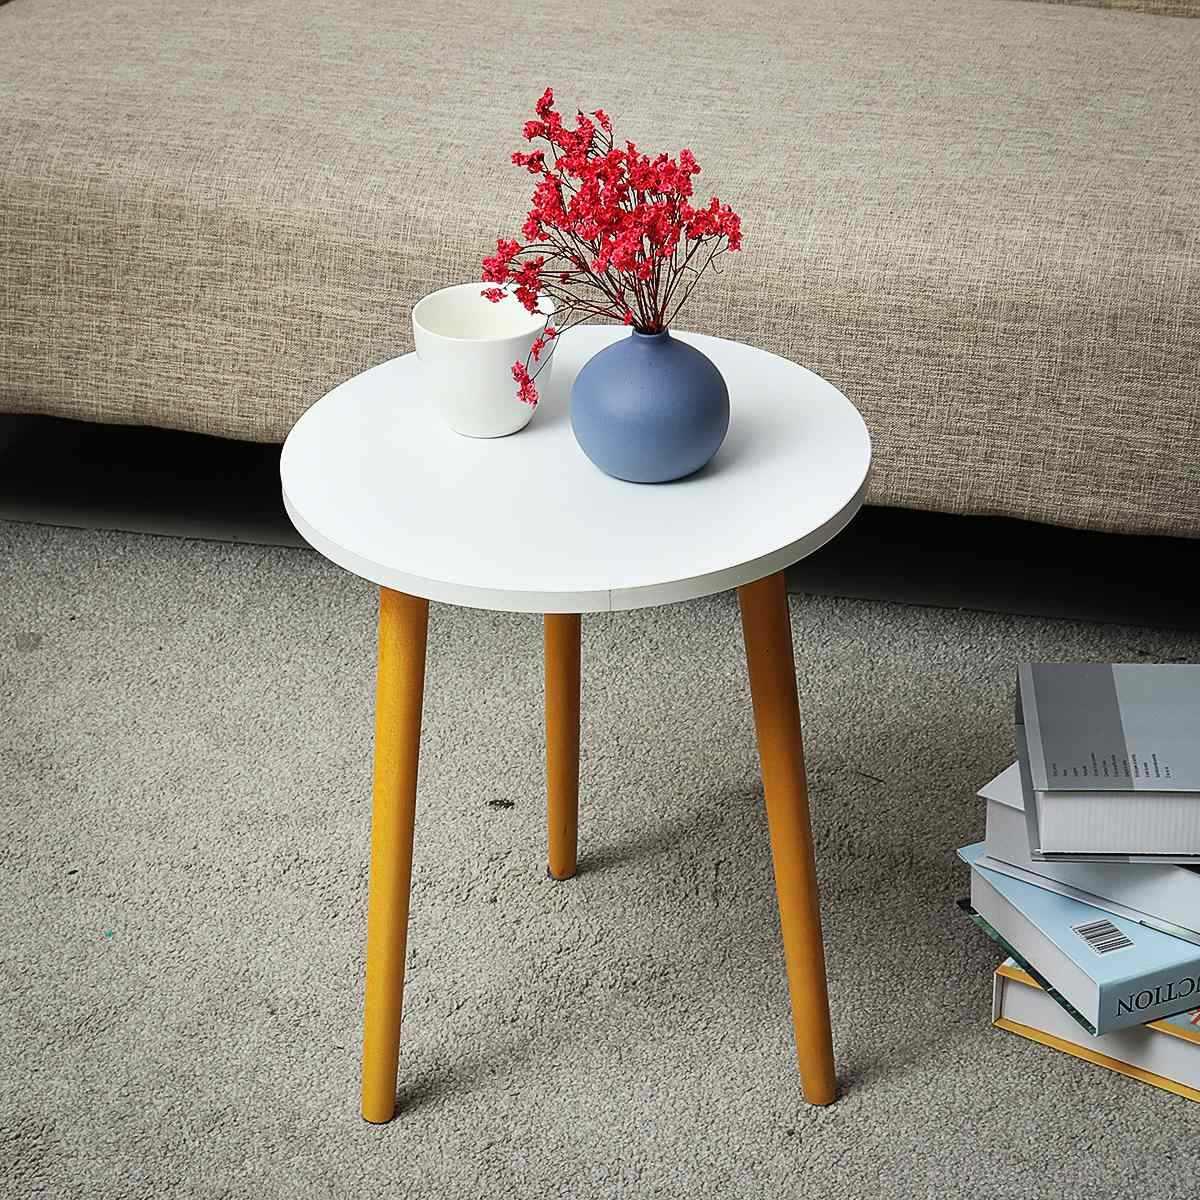 モダンな木製コーヒー北欧便利ソファ円形実用的な天然茶側リビングルームの装飾 35 × 42 センチメートル